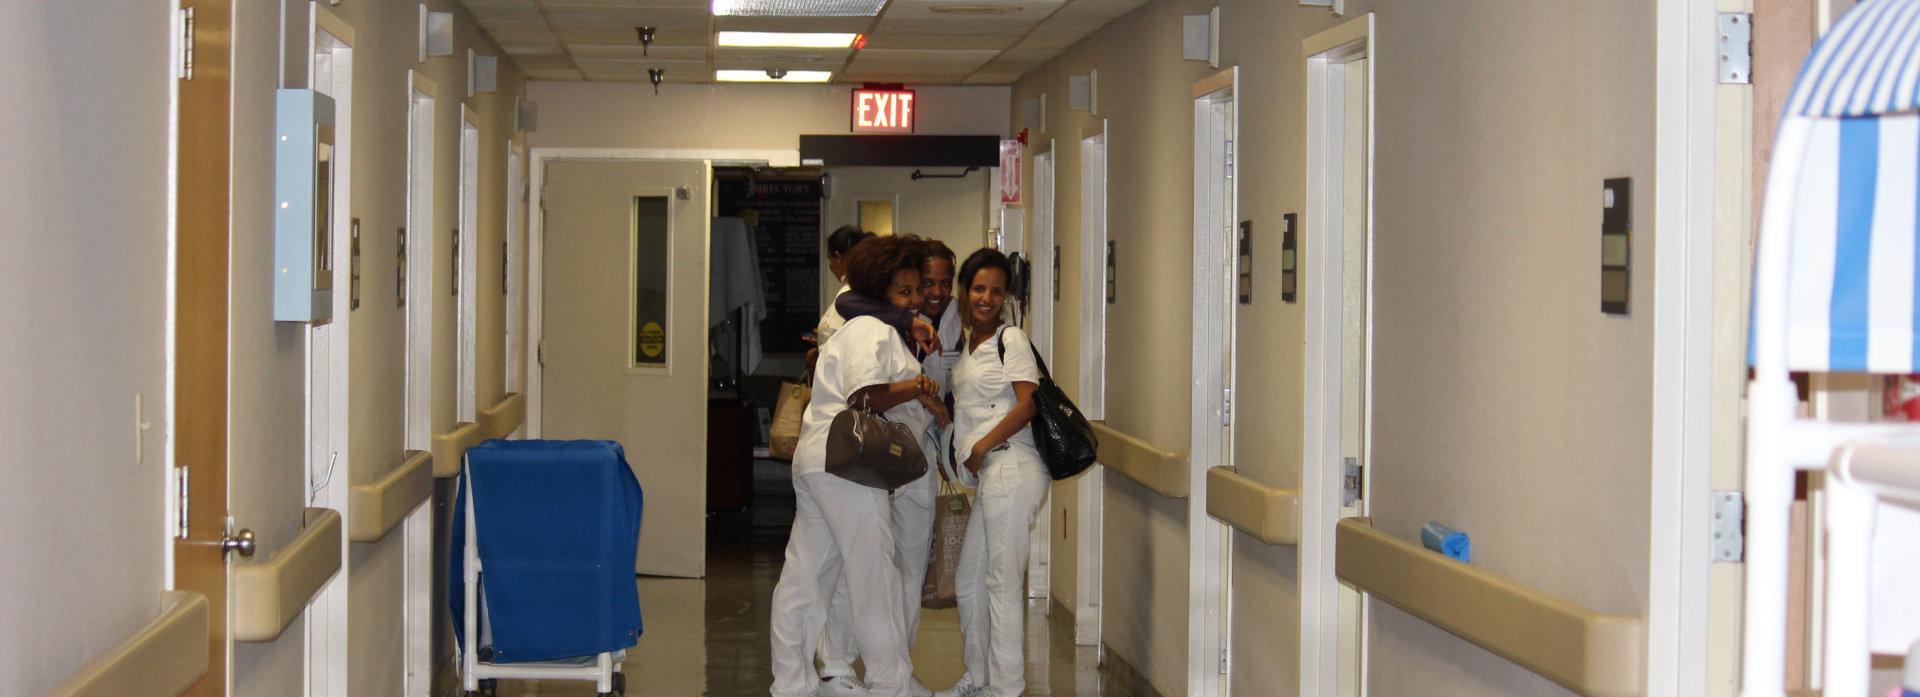 group of female nurses on the hallway